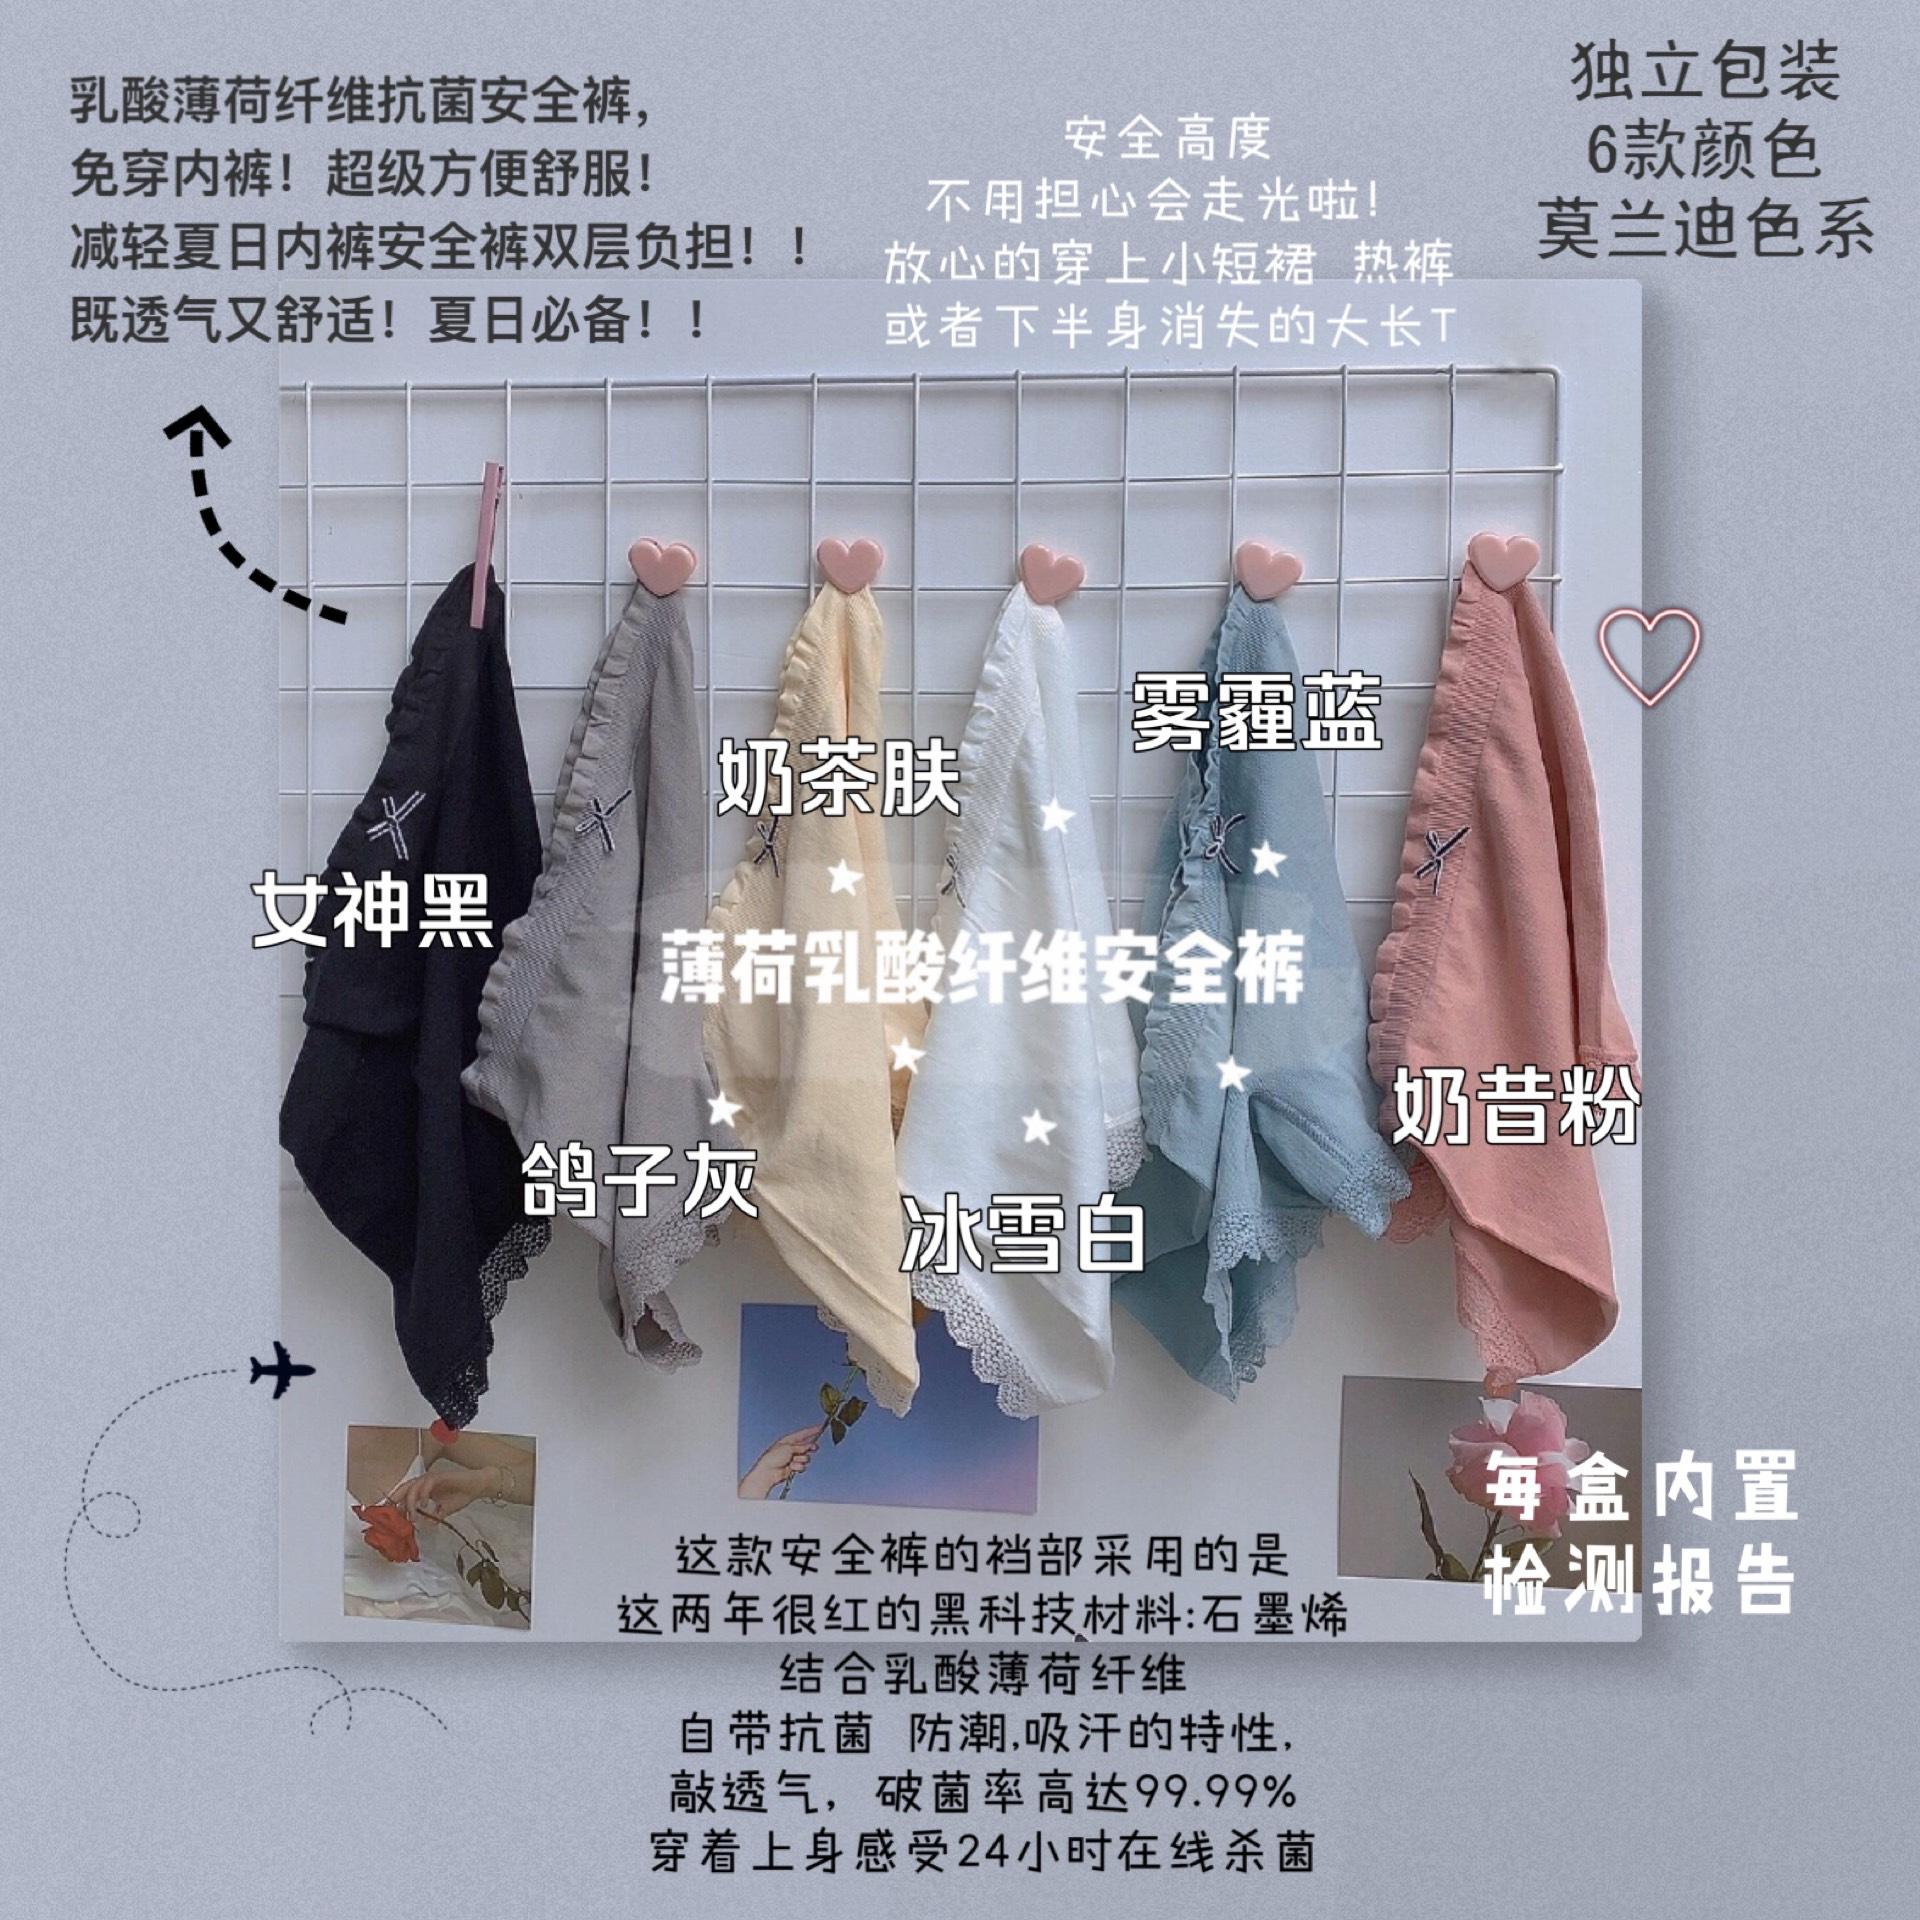 日本OK乳酸薄荷纤维蕾丝裤女士安全裤抗菌二合一冰感丝防走光盒装